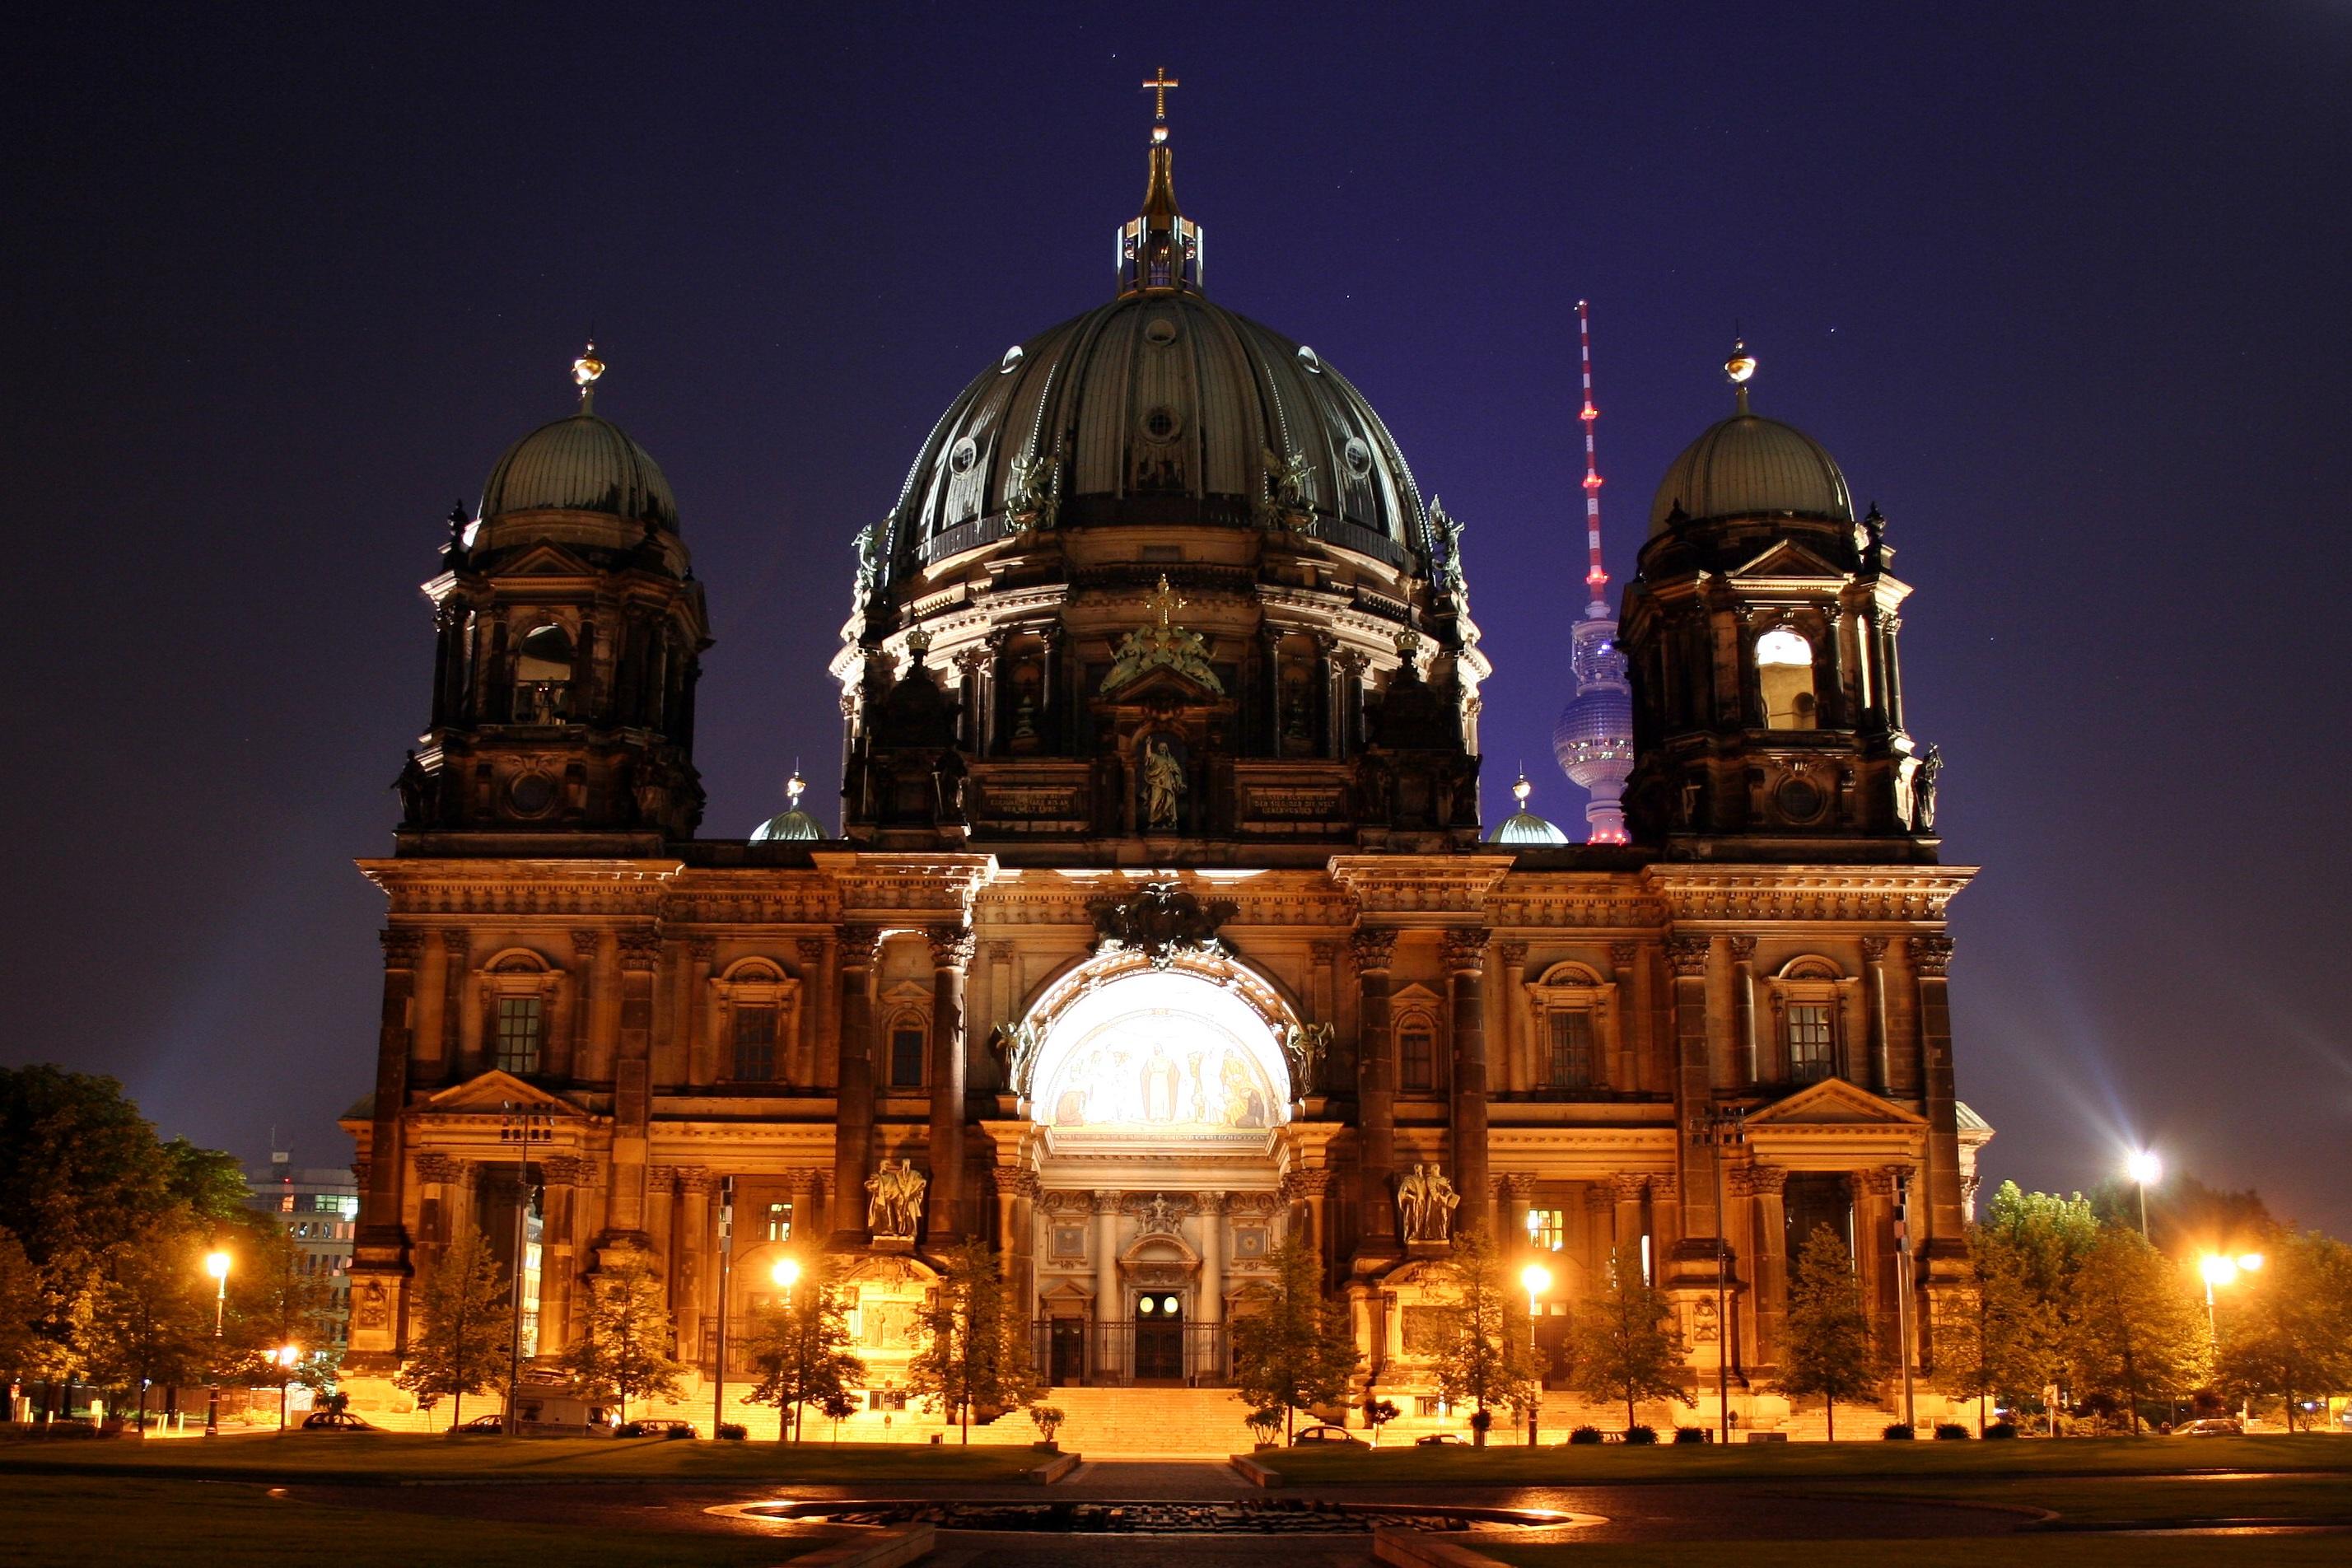 Berliner Dom Die Größte Kirche Berlins Ausflugstipp Für Kinder